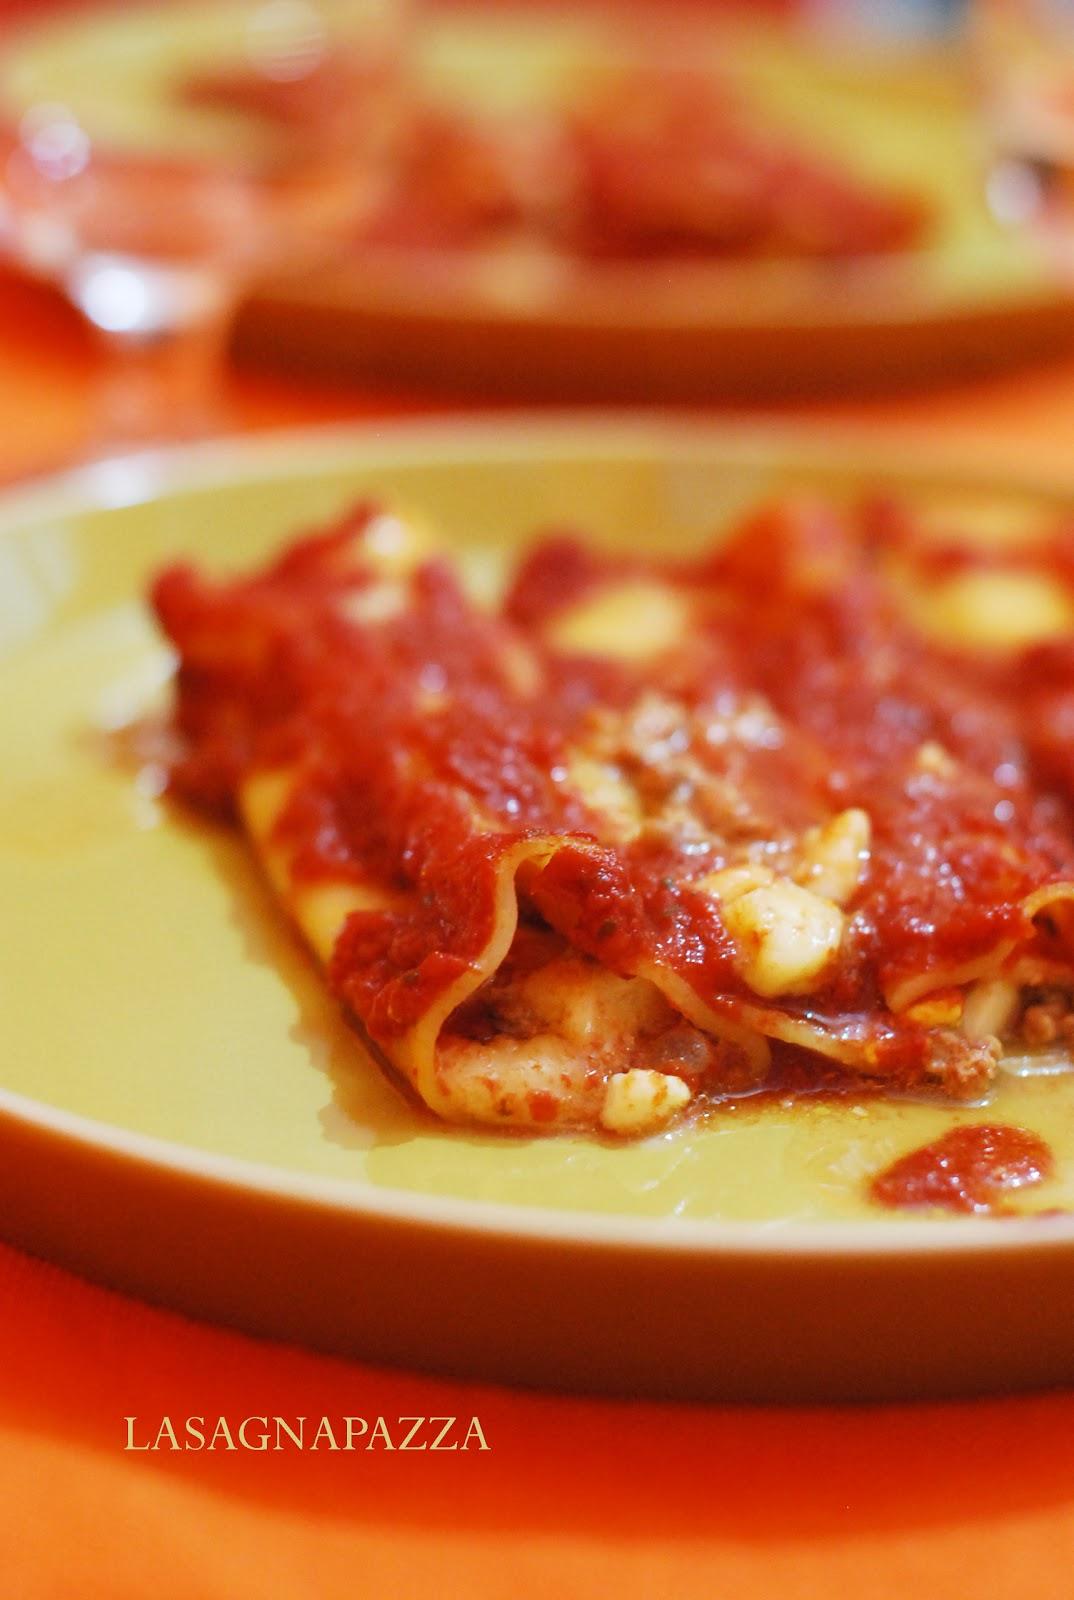 Lasagnapazza Cannelloni Senza Besciamella